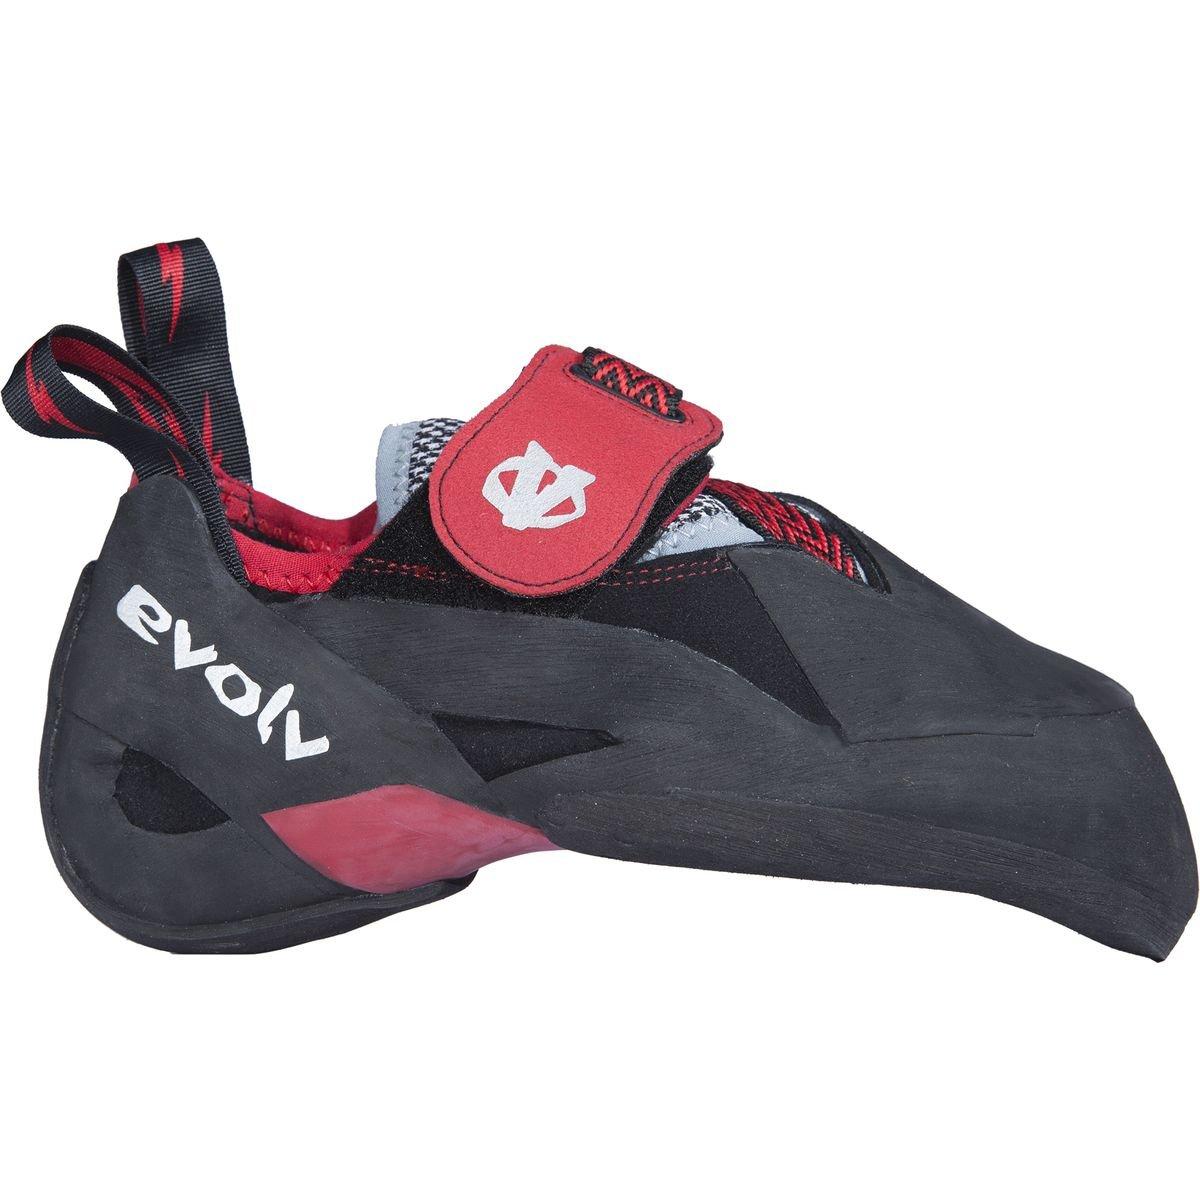 Evolv Agro Climbing Shoe 8.5 D(M) US ブラック/レッド B014GVYEA0